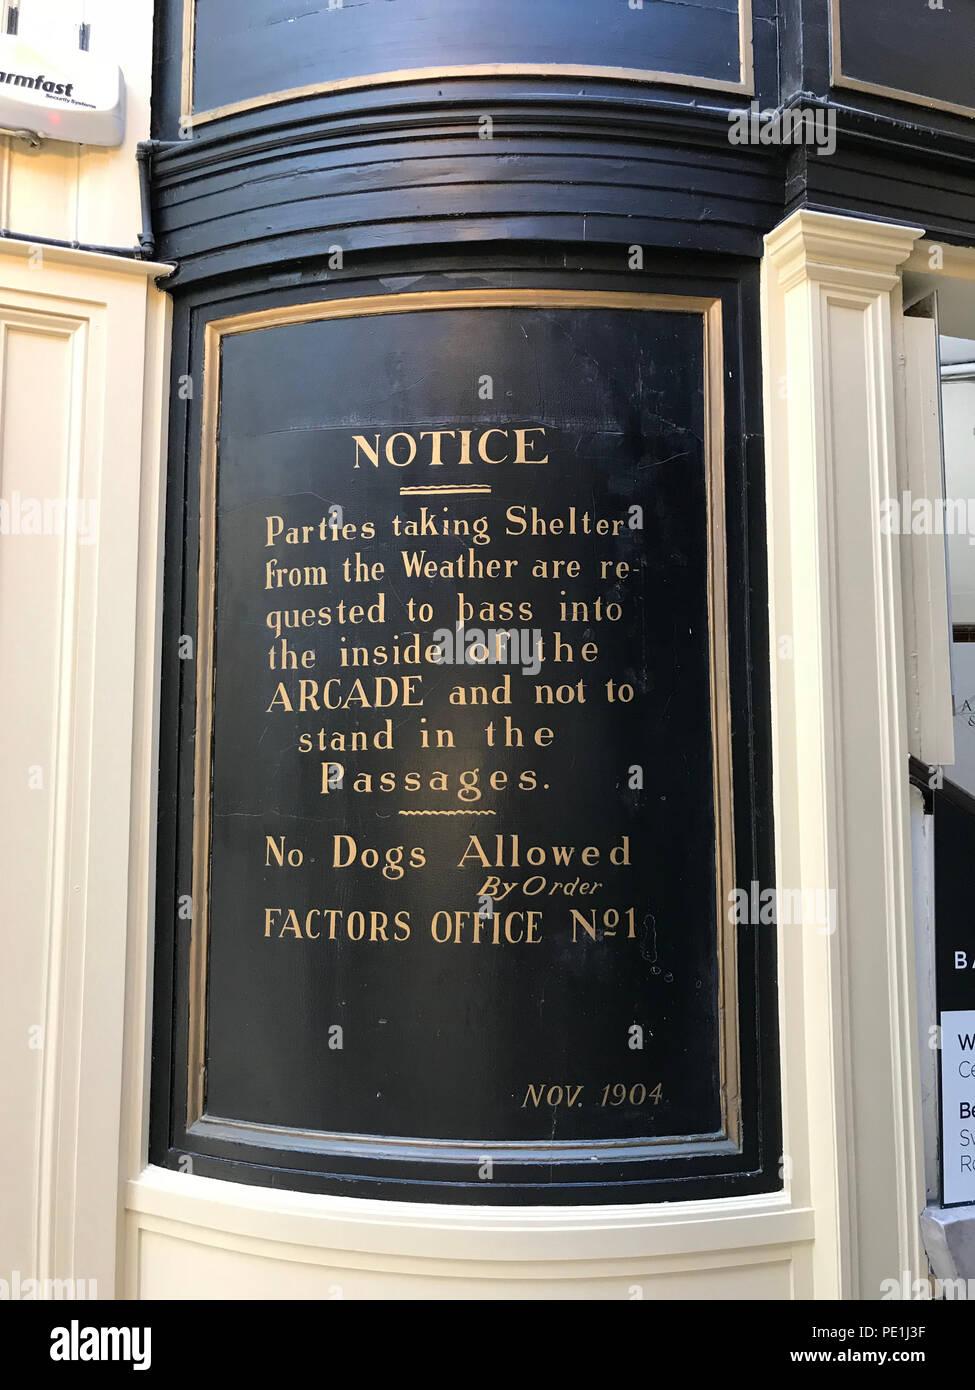 Laden Sie dieses Alamy Stockfoto Zeichen in der Argyll Arcade, Argyll Street, Glasgow, Strathcylde, Schottland, Großbritannien - PE1J3F